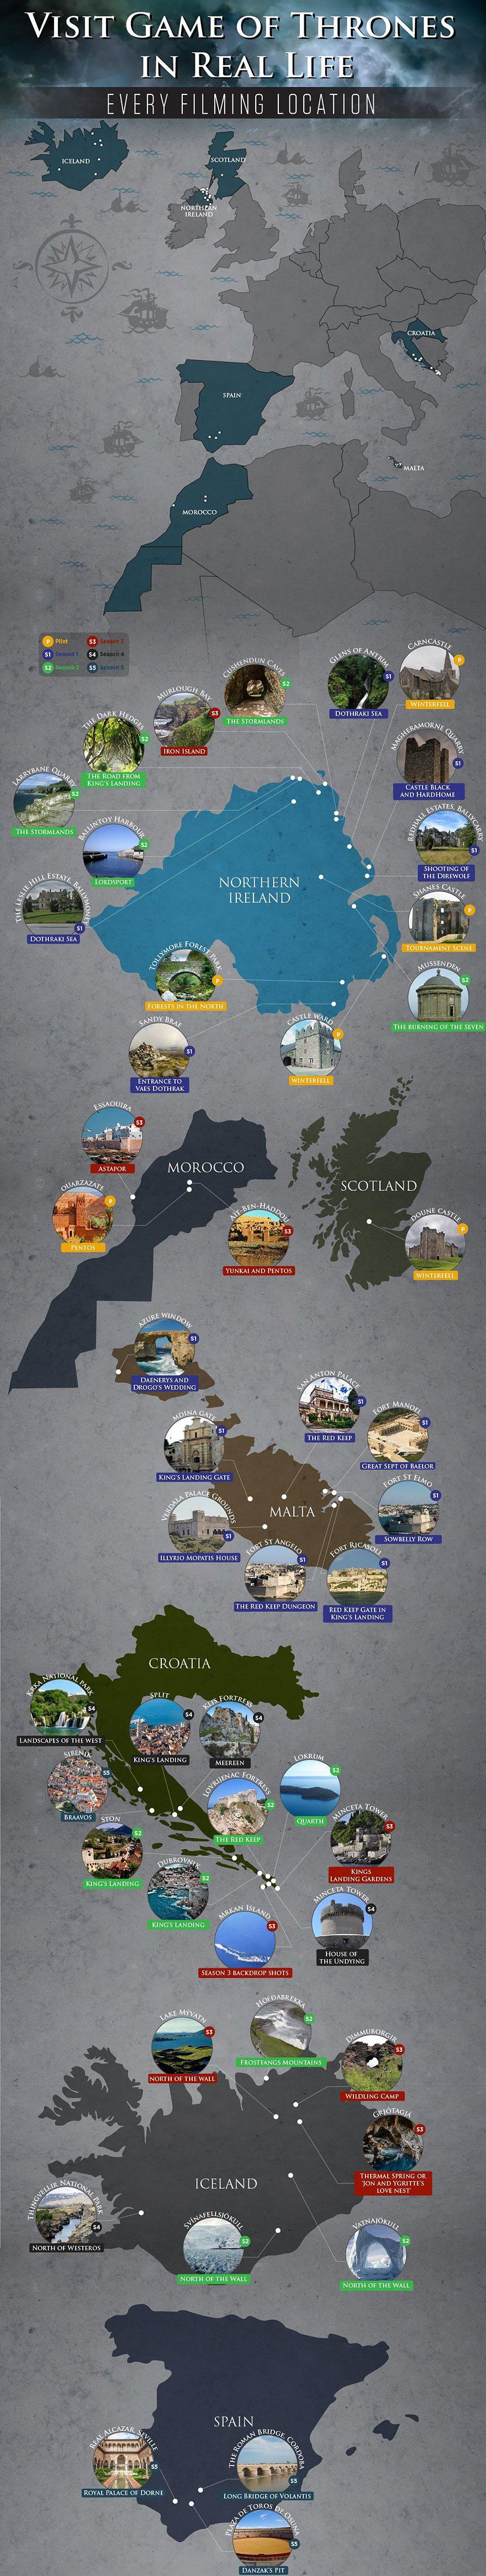 localizaciones-reales-juego-de-tronos (33)